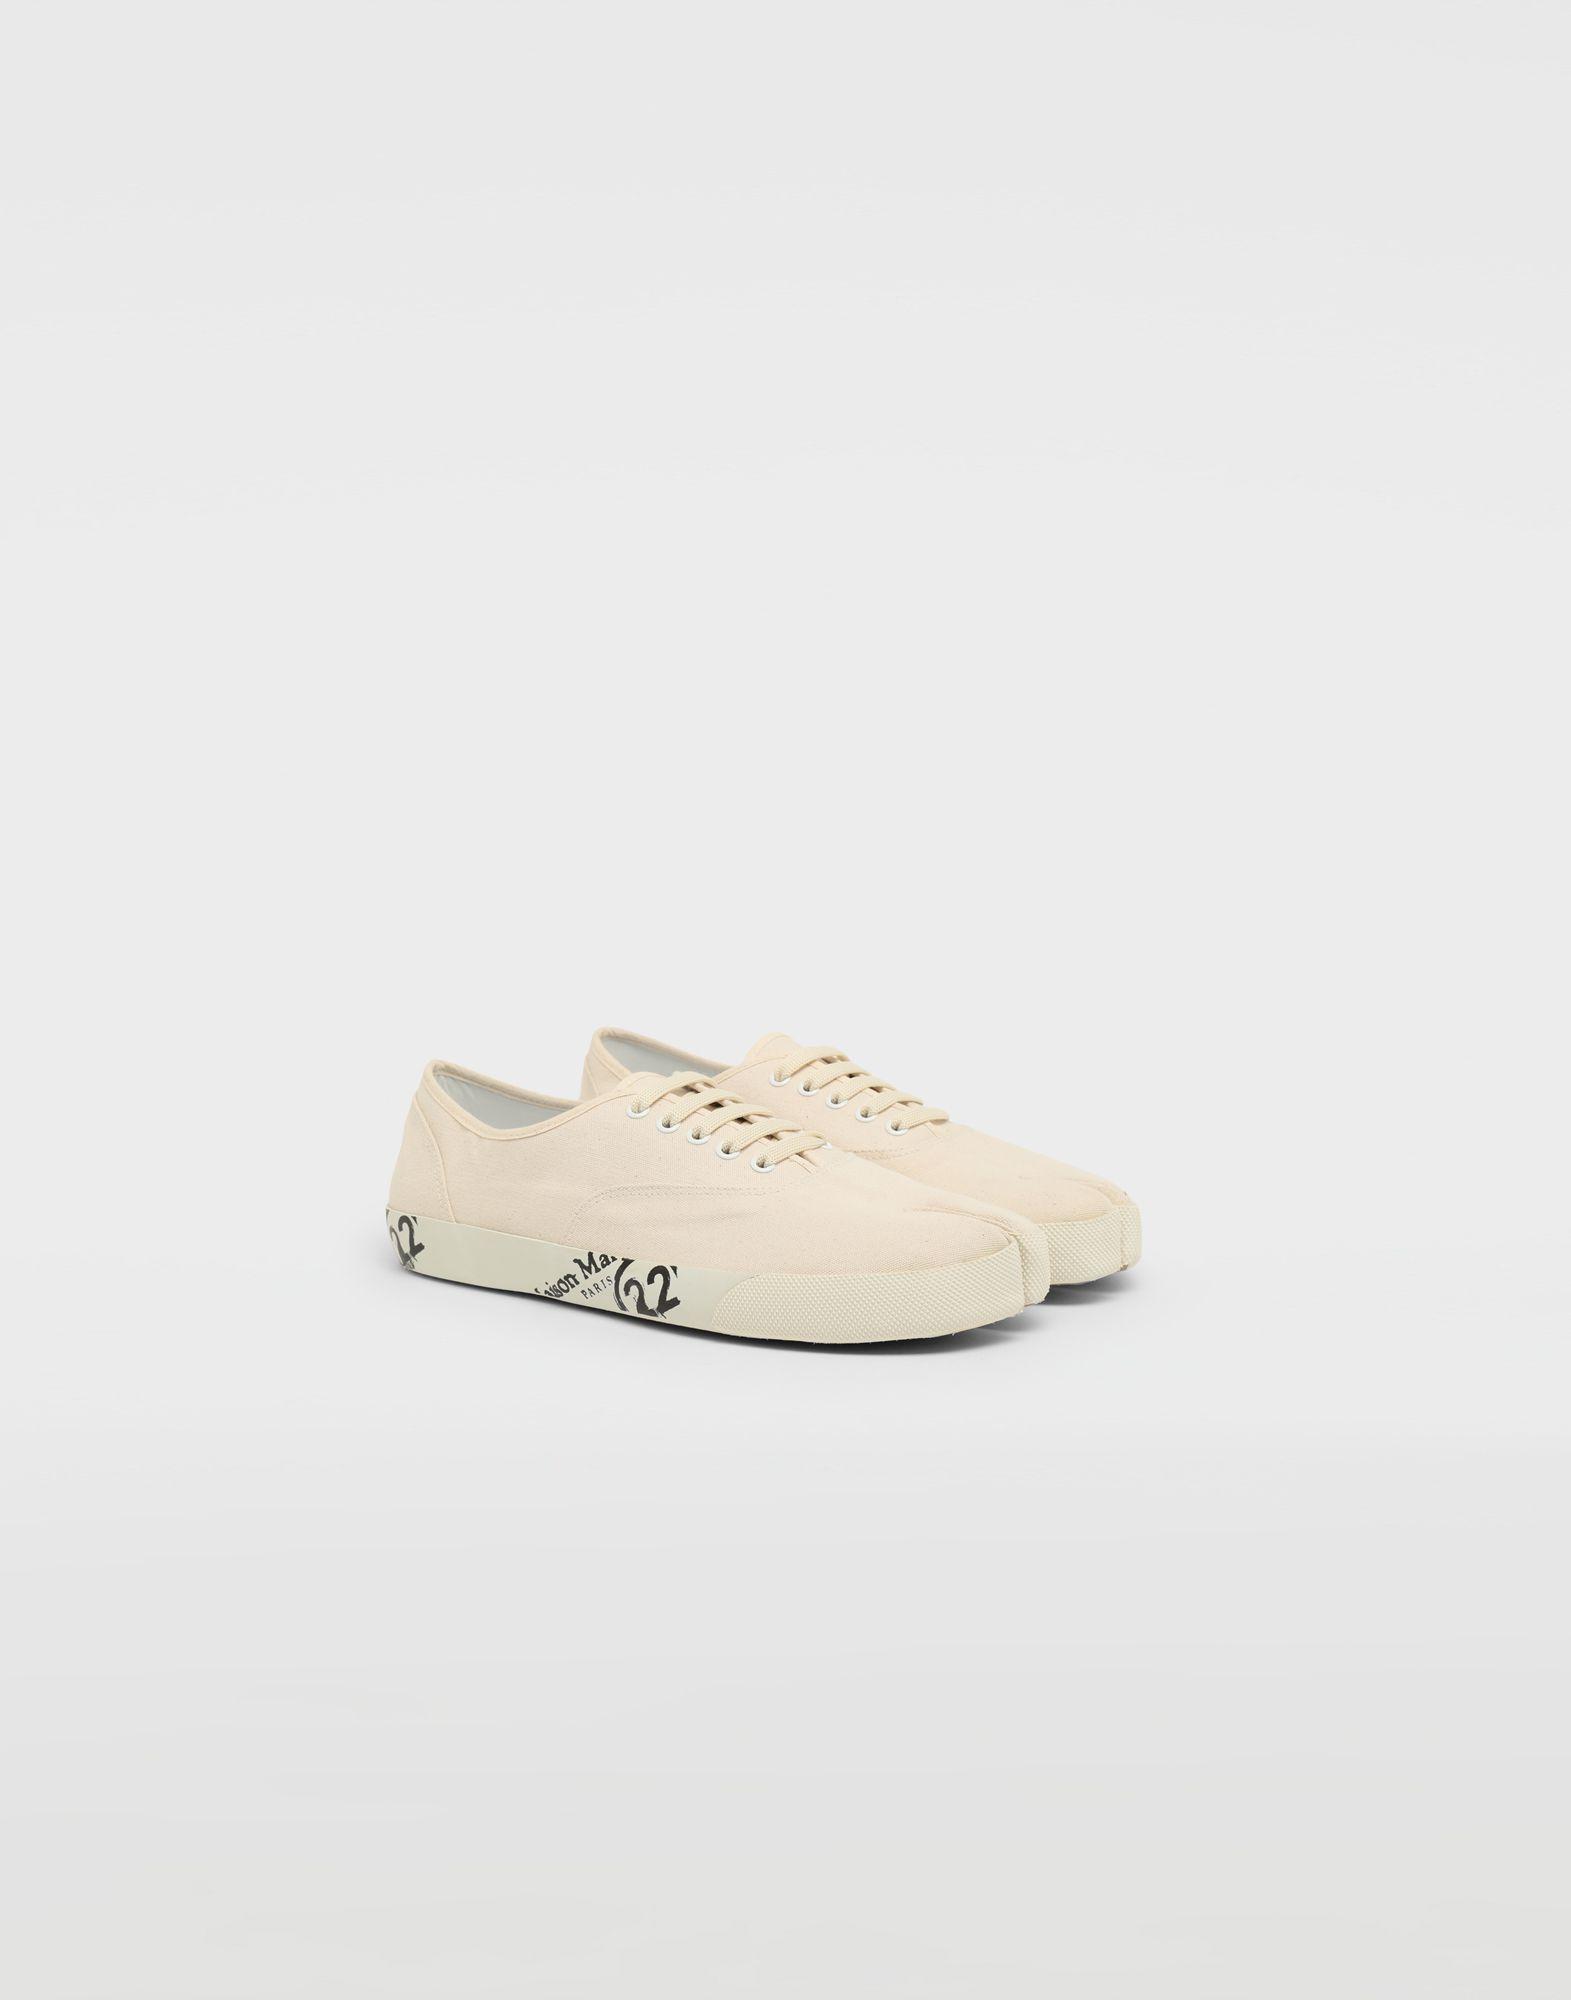 MAISON MARGIELA Schnürschuhe Tabi Sneakers Tabi Herren r